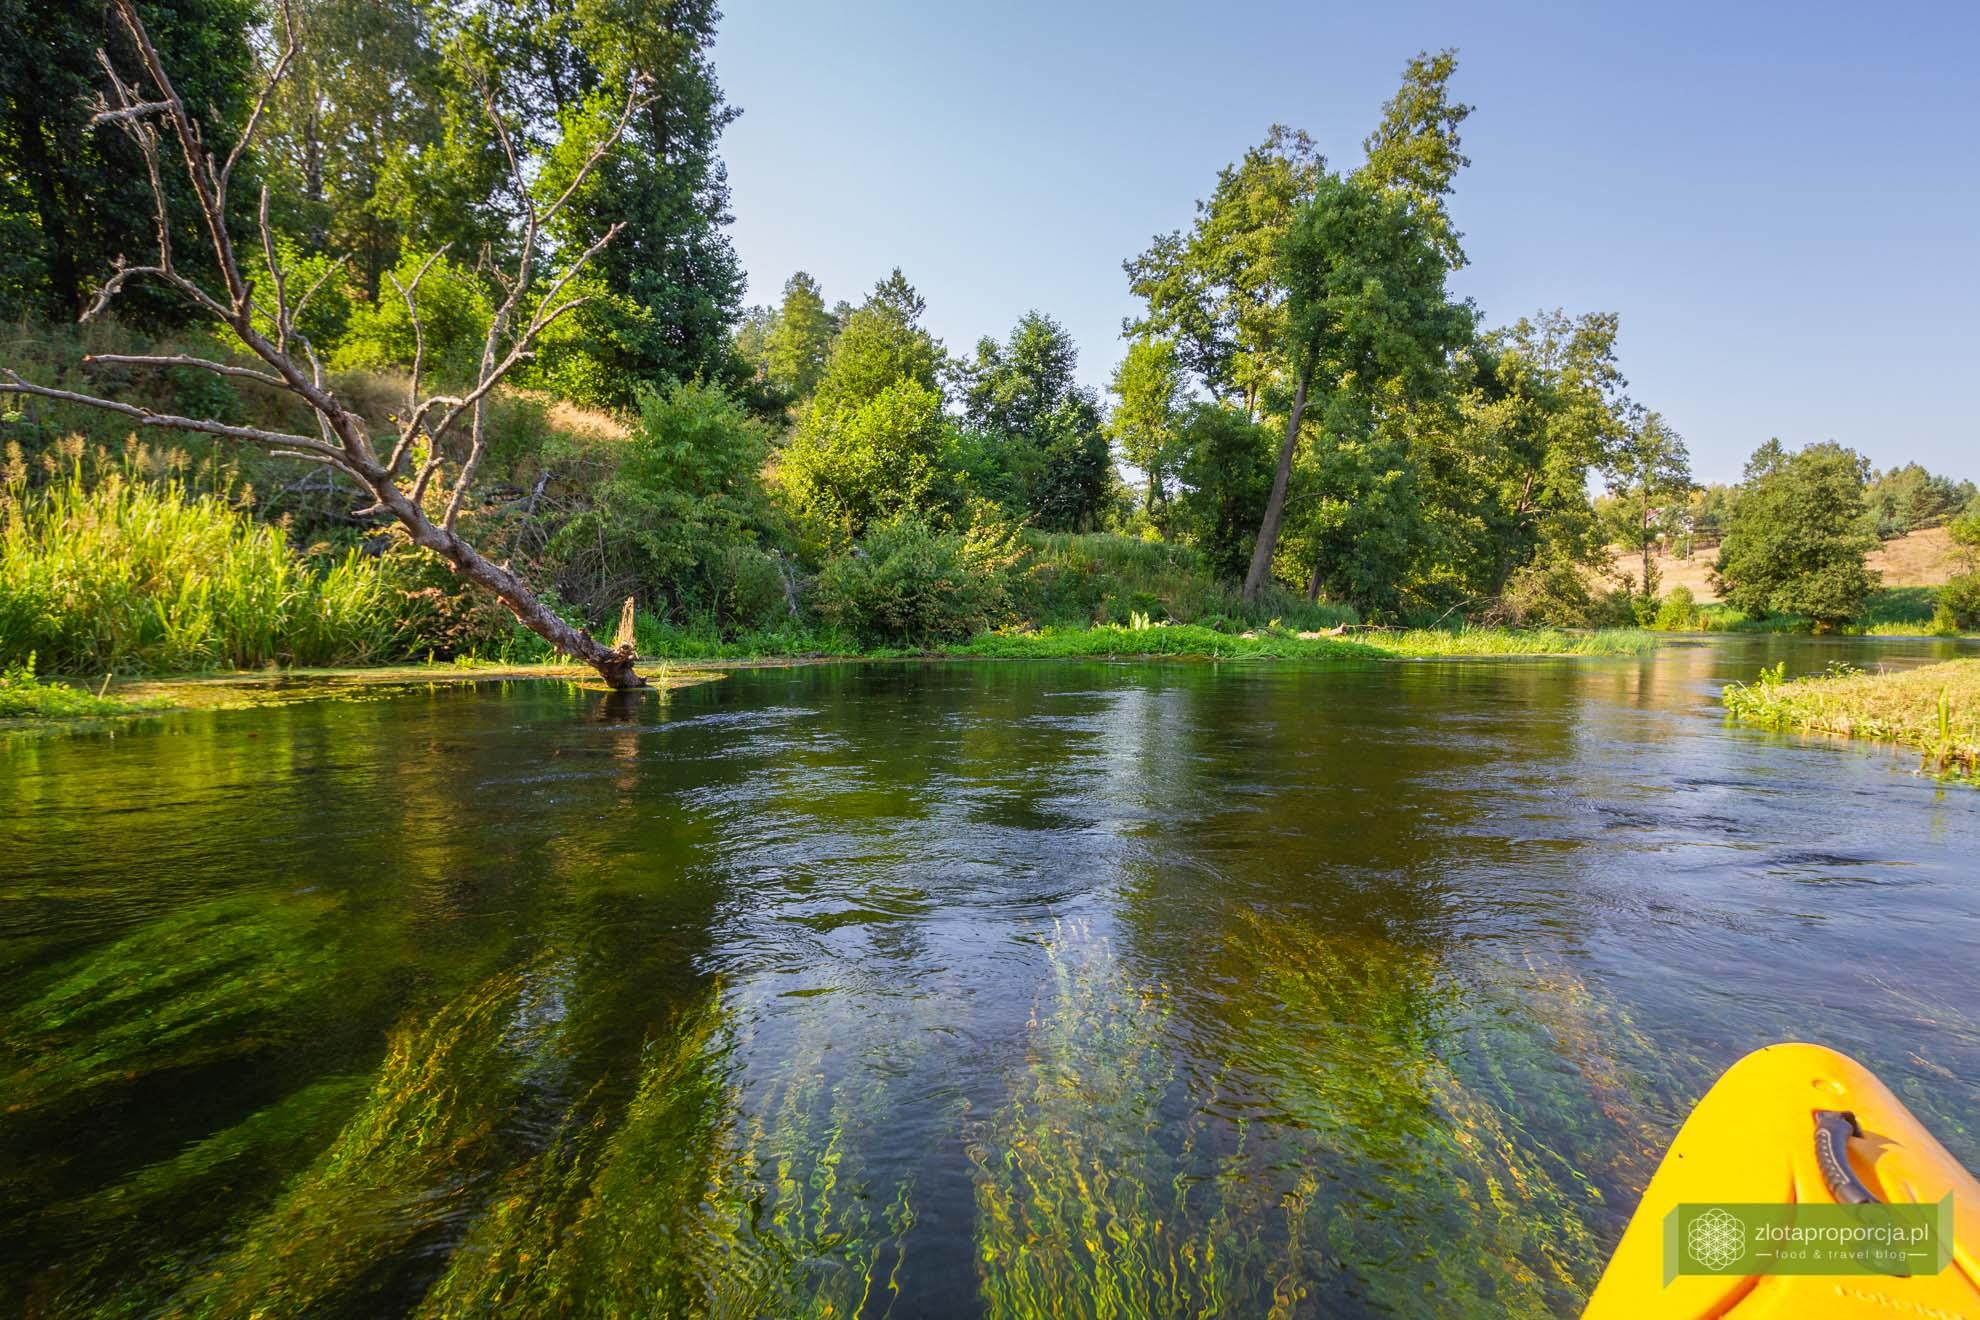 Kociewie; atrakcje Kociewia; Wda; spływ Wdą; spływ kajakowy Wdą; Bory Tucholskie